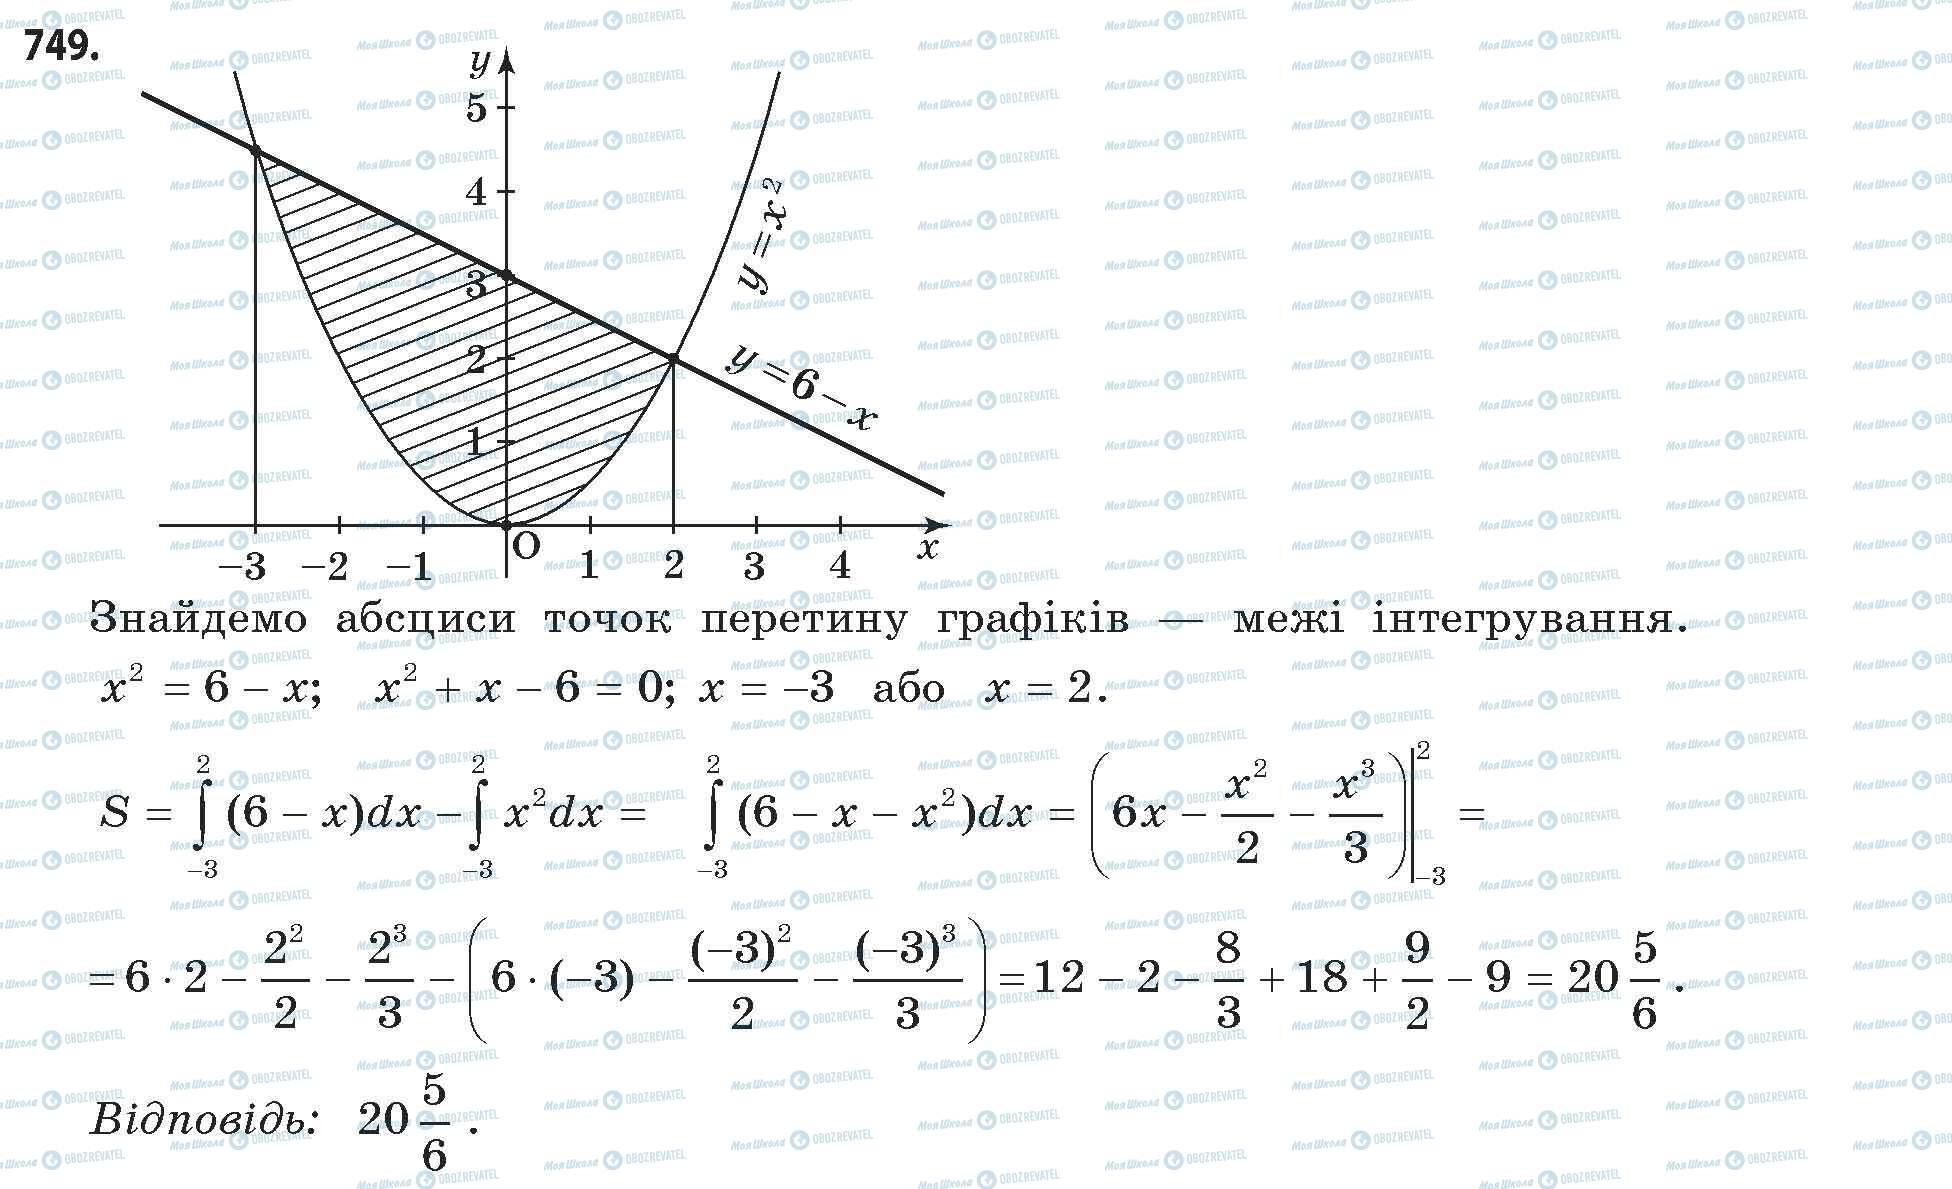 ГДЗ Математика 11 класс страница 749